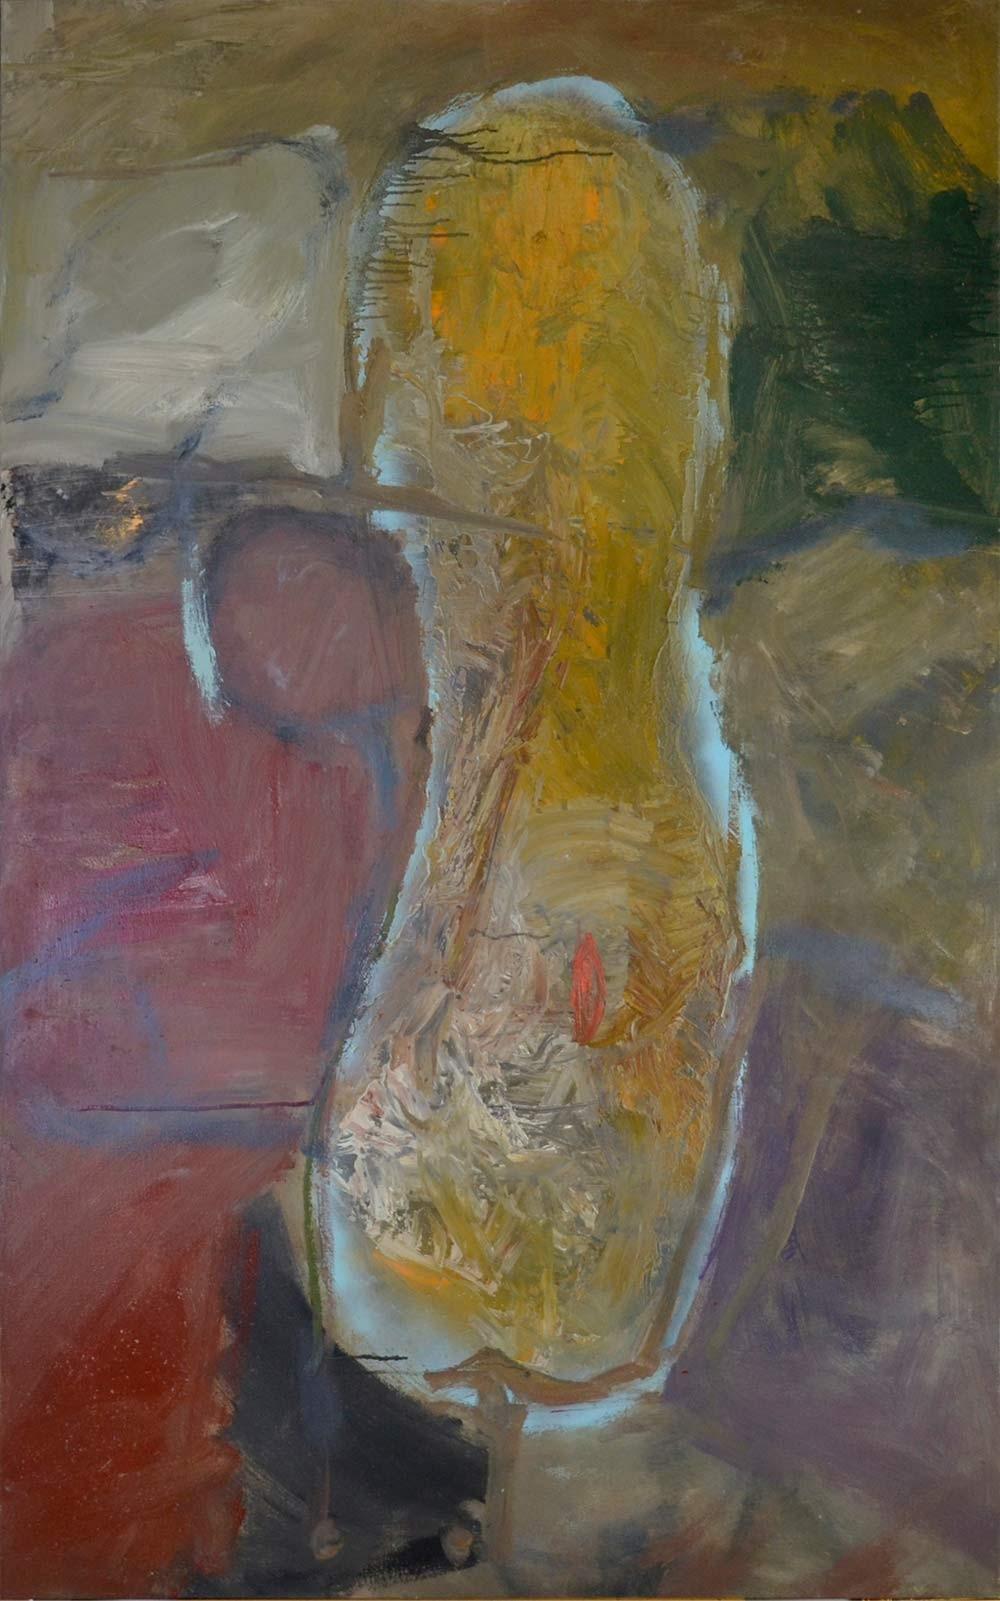 CRIQUET Francky (1968 - ) - COMPOSITION